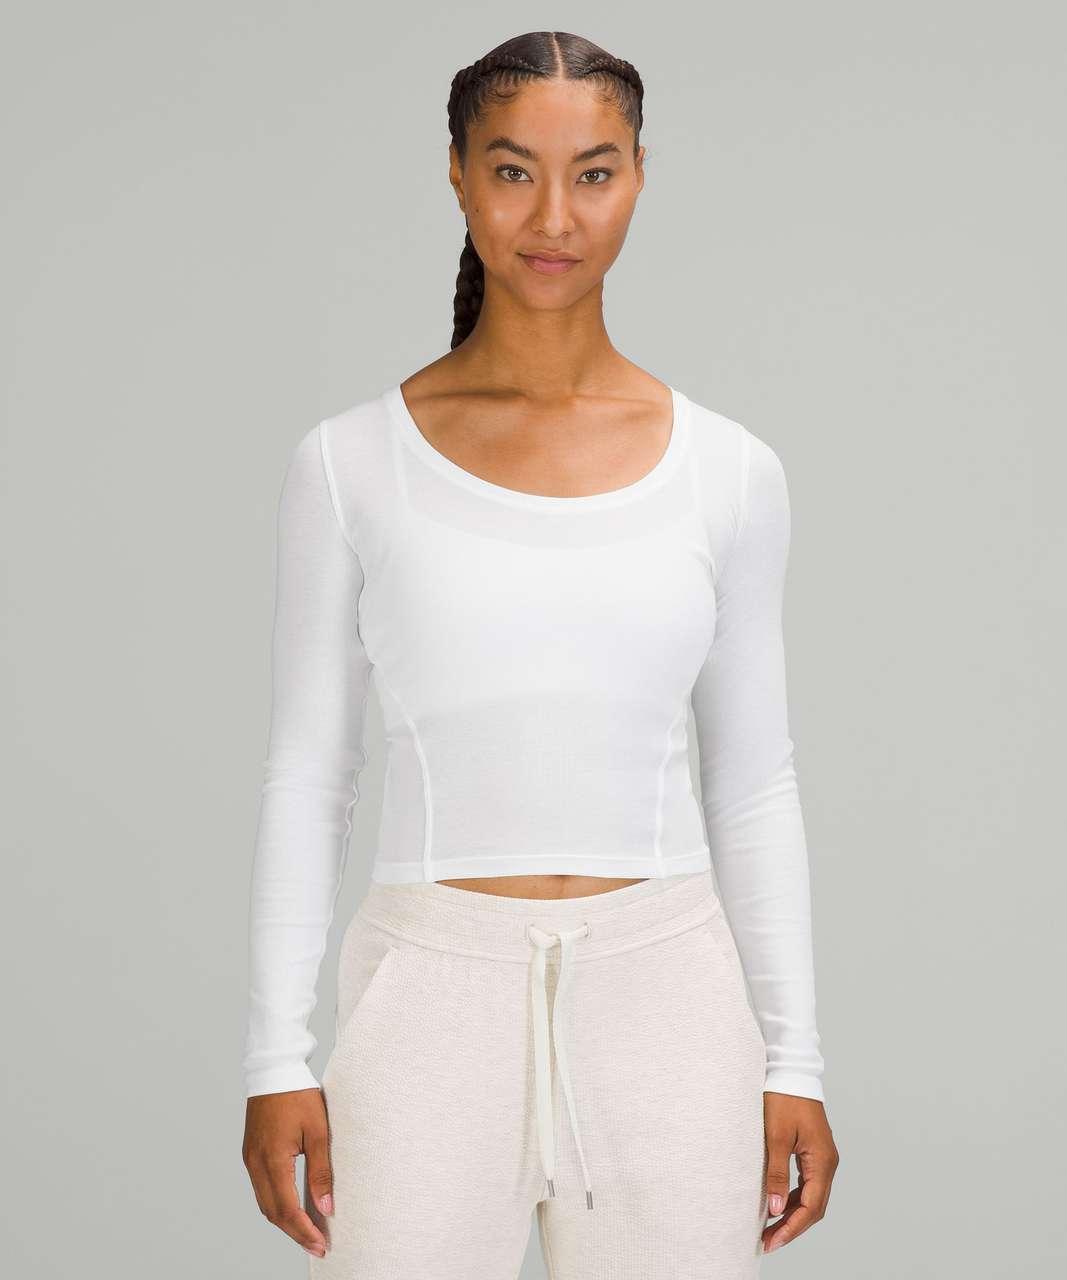 Lululemon Open Back Ribbed Long Sleeve Shirt - White